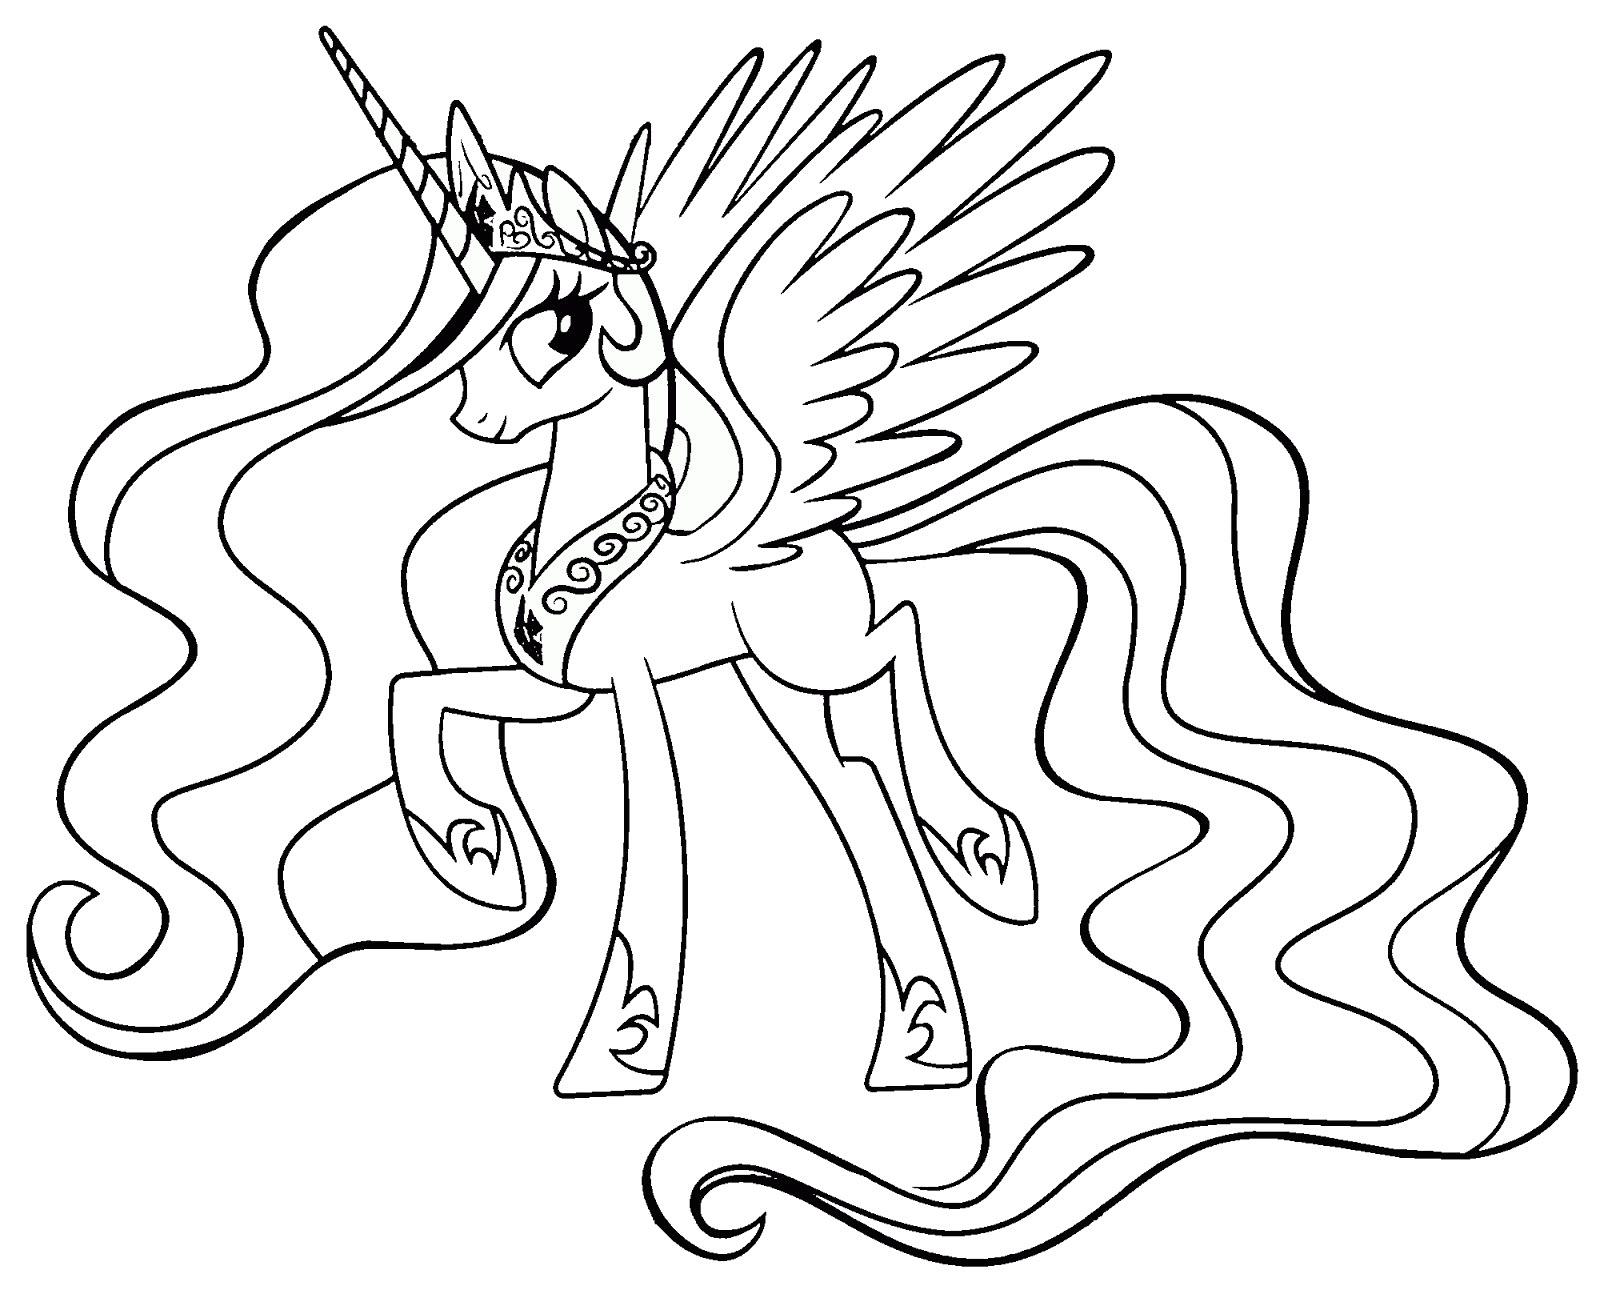 Tranh tô màu ngựa một sừng đẹp nhất